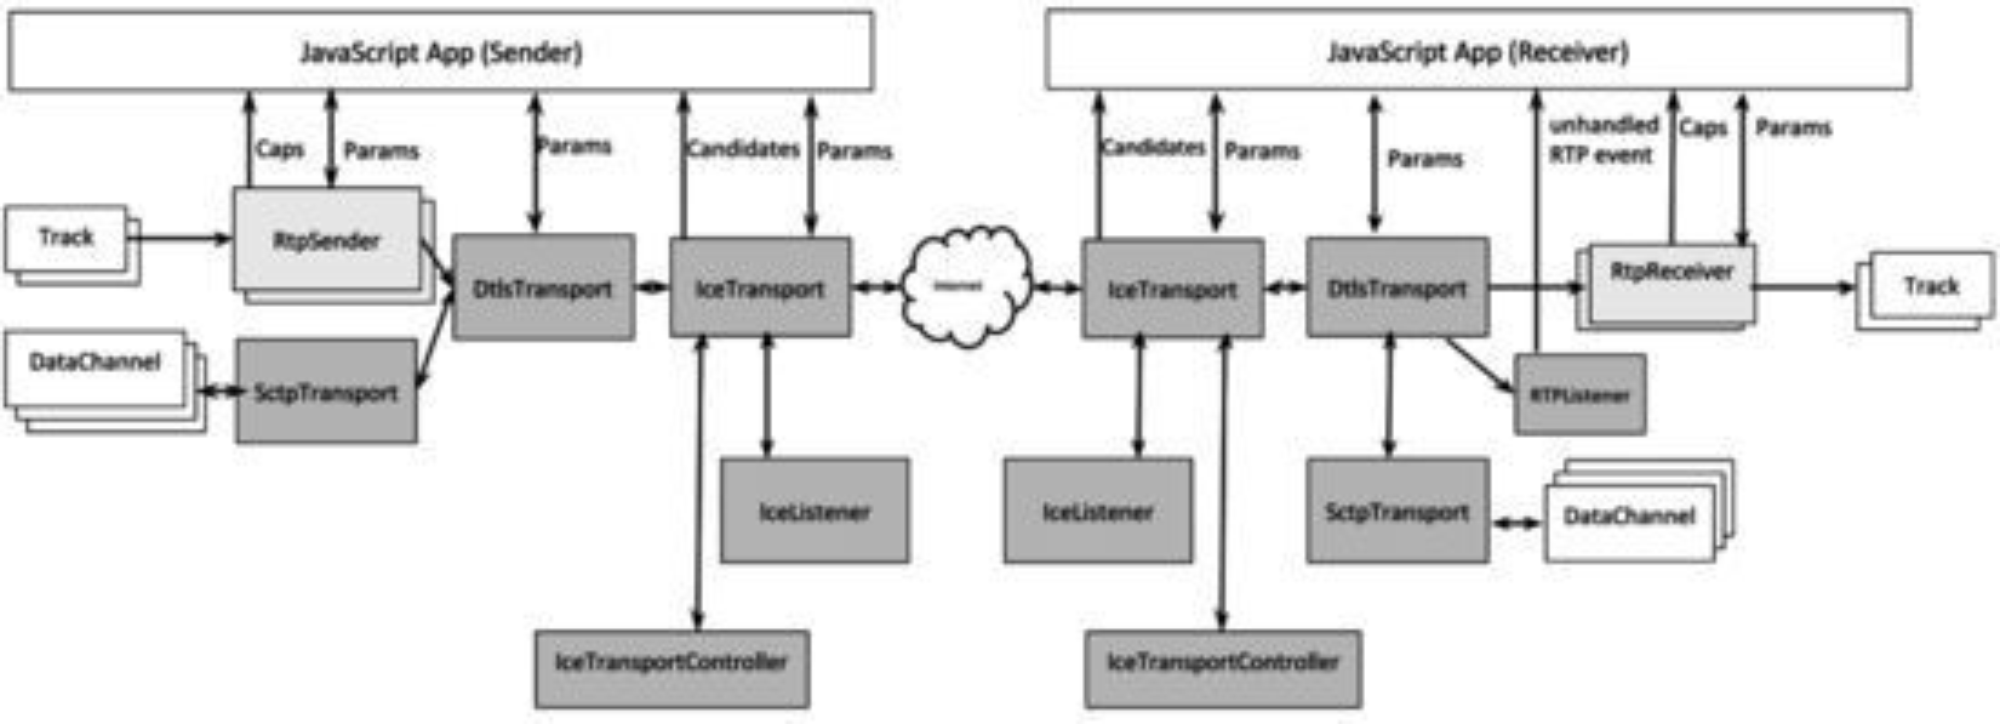 I diagrammet viser forholdet mellom applikasjonen og objektene, og mellom hvert av de ulike objektene, i en tenkt JavaScript-applikasjon som utnytter ORTC API. Horisontale eller skråstilte piler angir data- eller medieflyten, mens vertikale piler angir samhandlingene via metoder og hendelser.